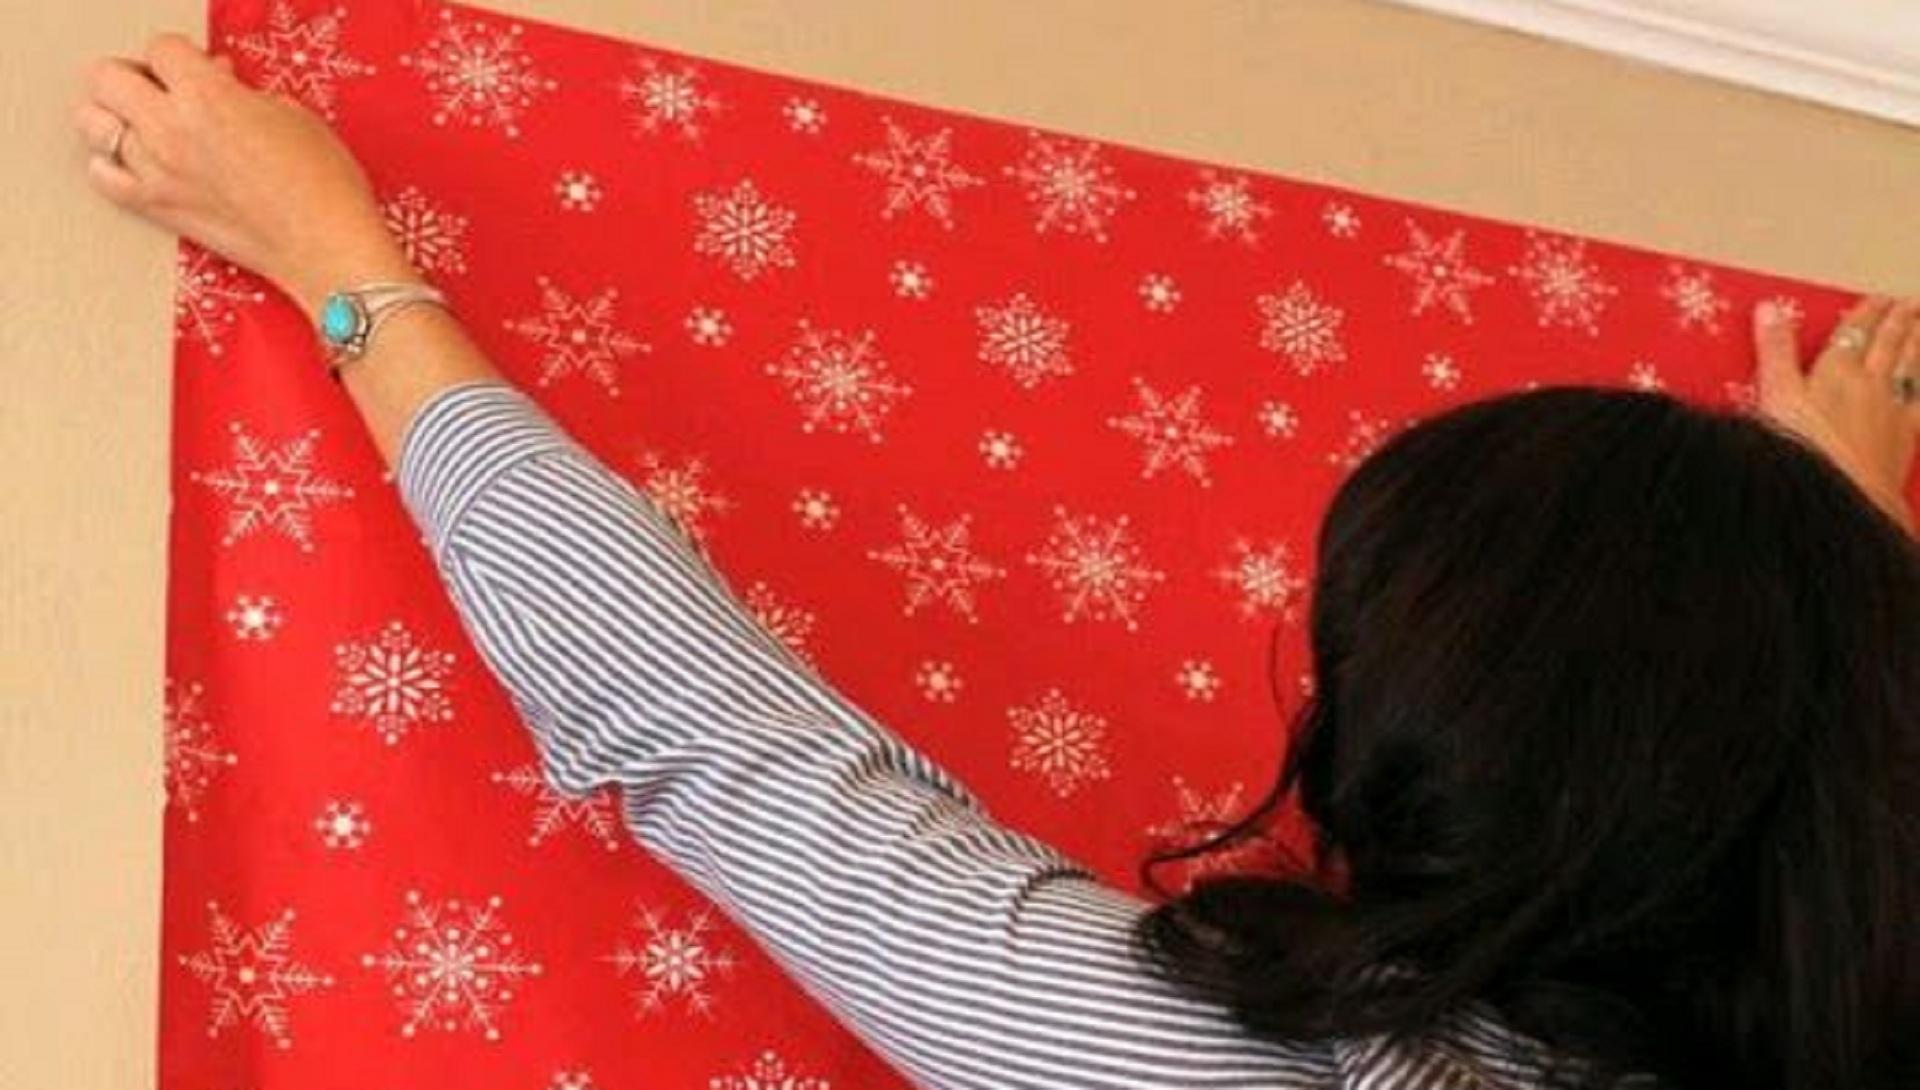 Las fotos con estilo navideño fueron otras de las tendencias de búsqueda (Pinterest)